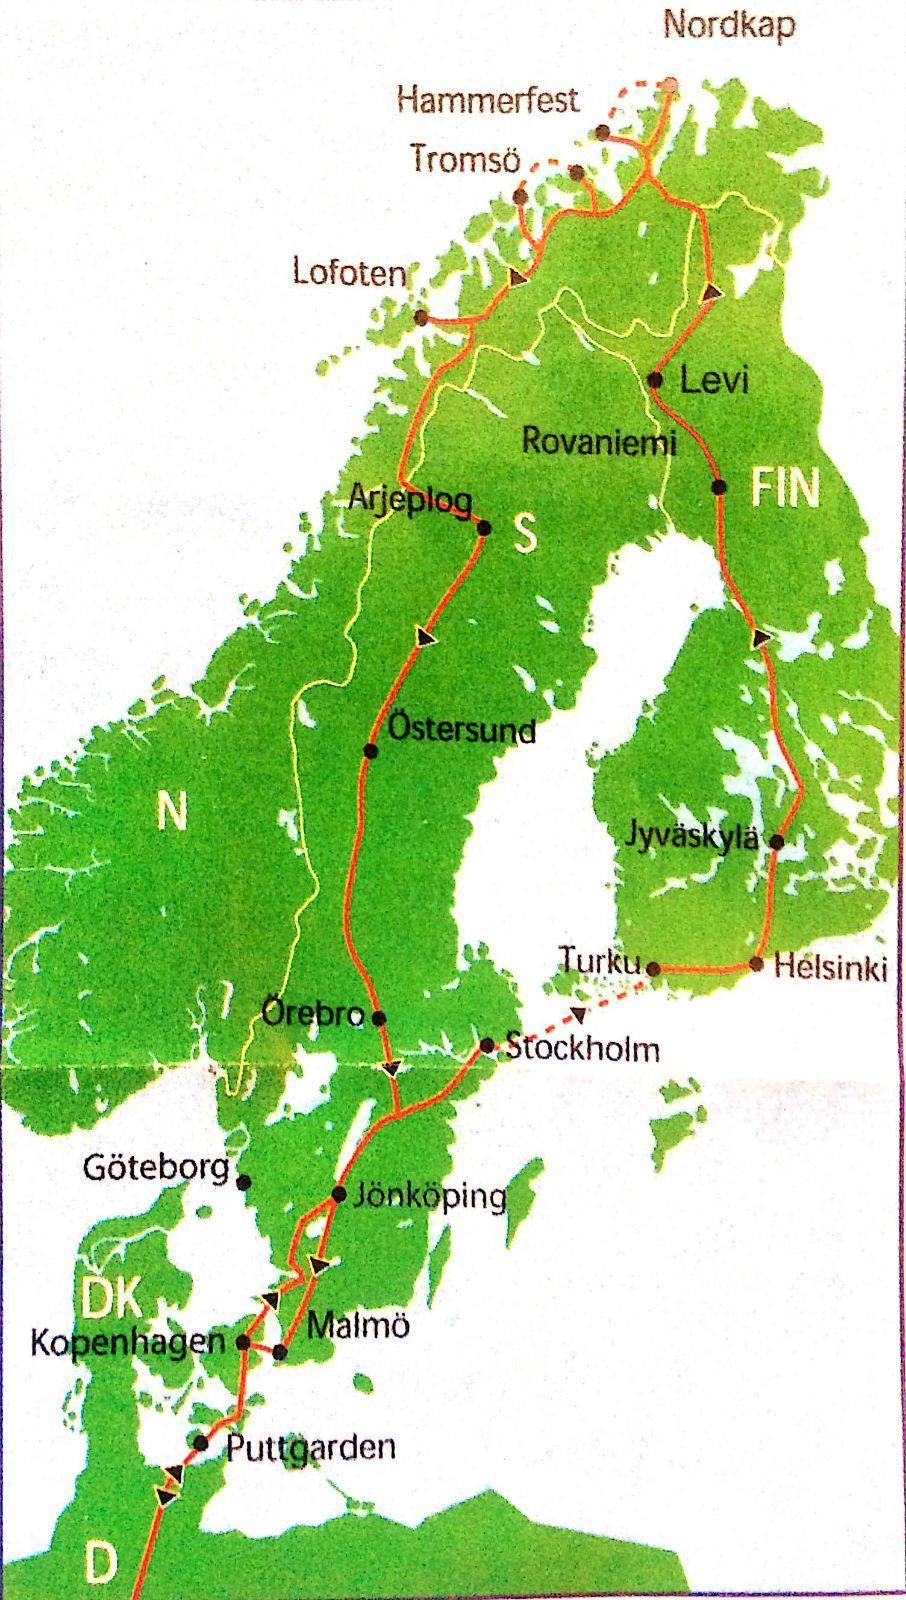 2015夏挪威北角和罗弗敦群岛游(1)